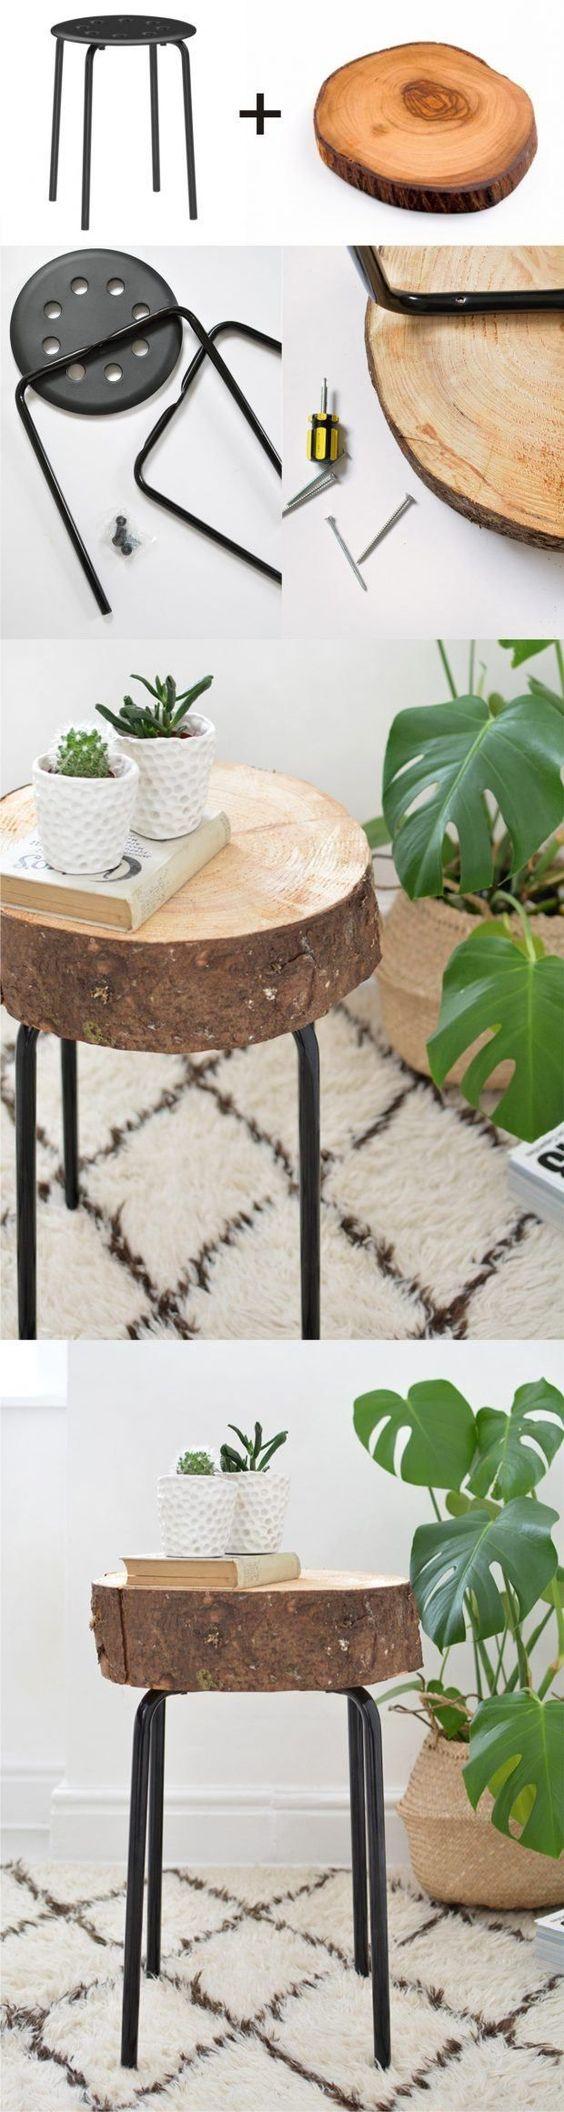 taburete de madera reciclado